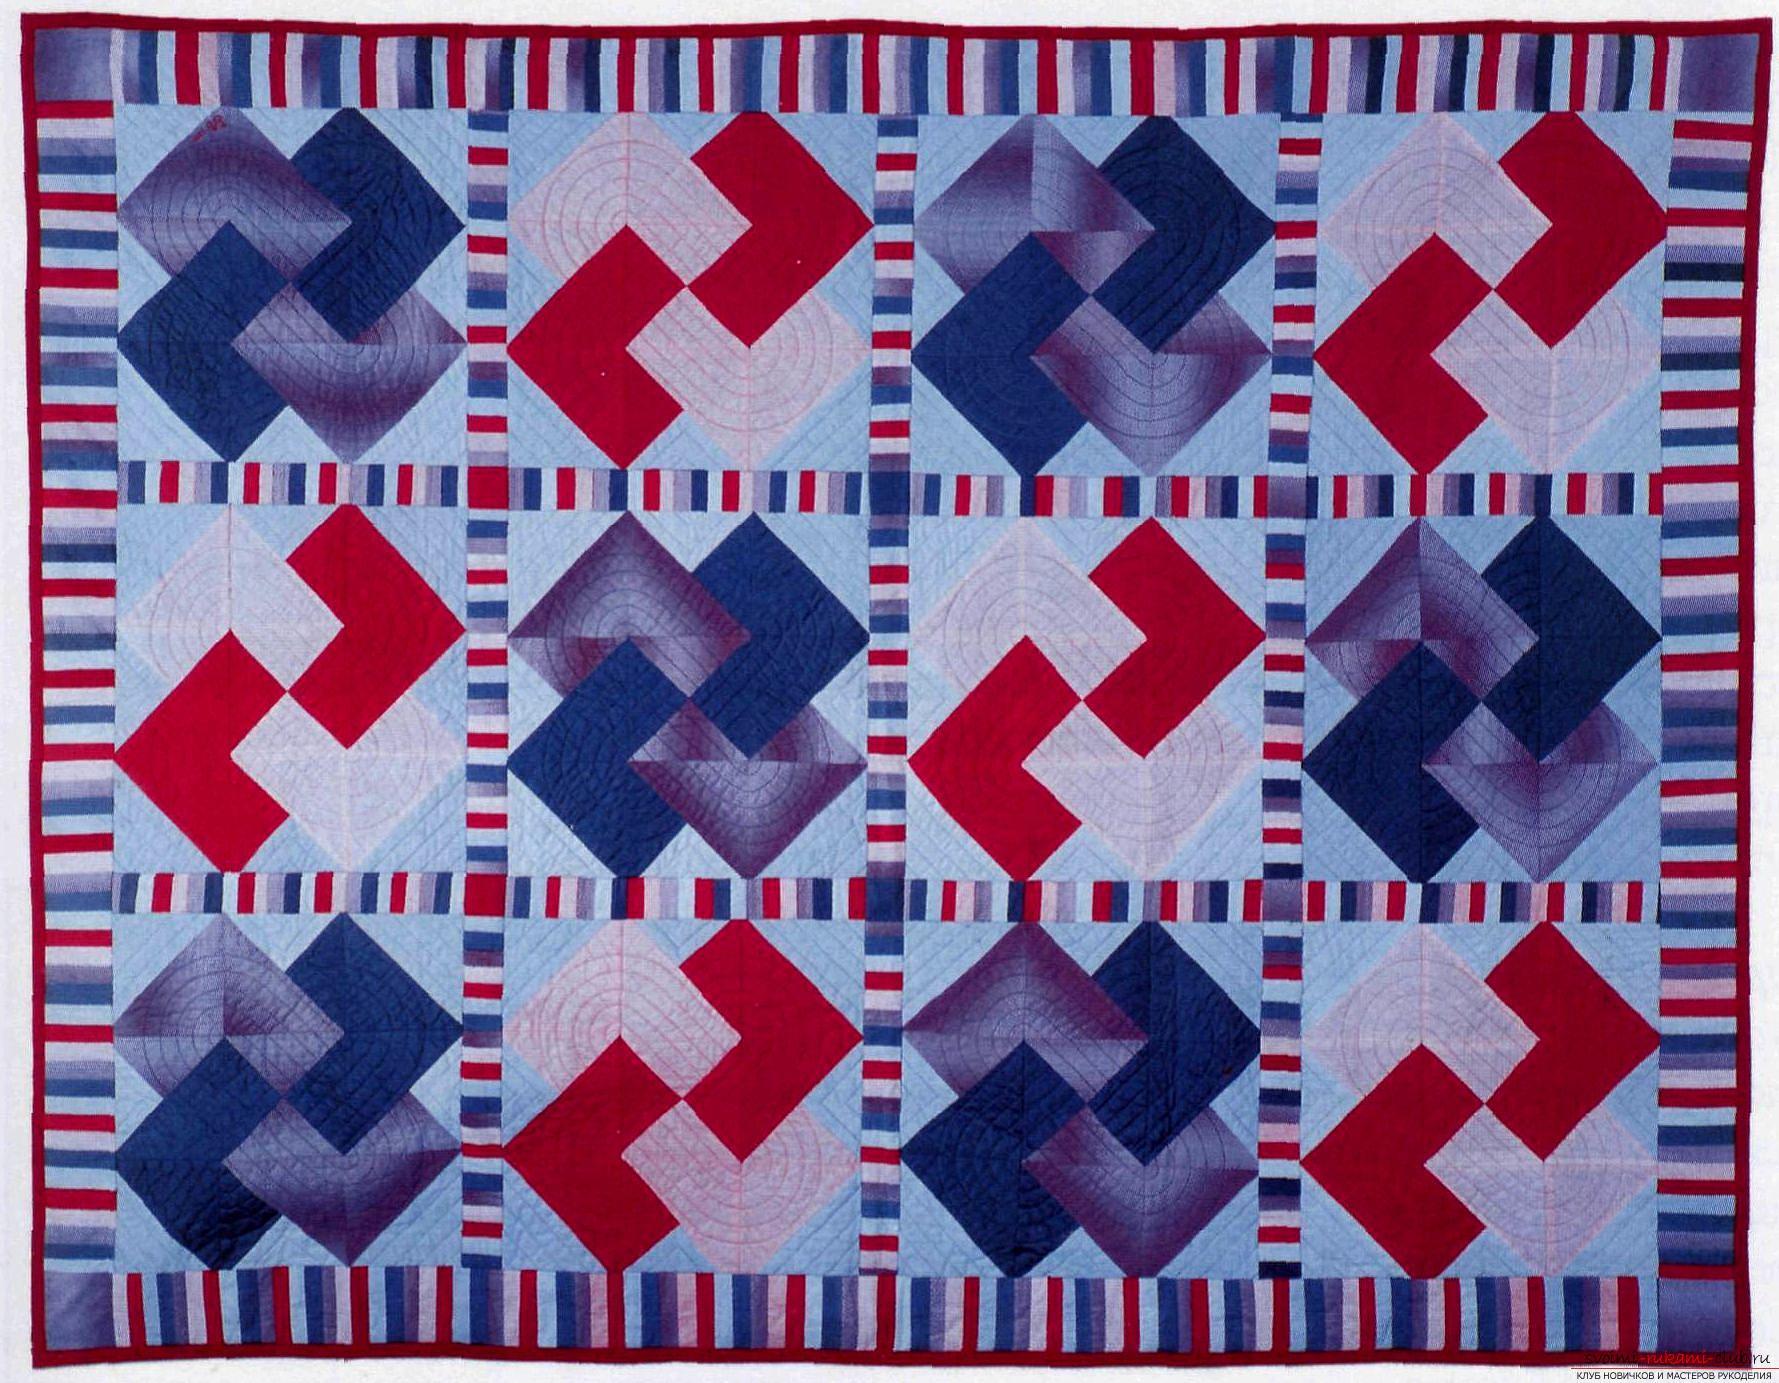 Мастер класс по пошиву одеяла в технике лоскутного шитья Карточный трюк - простой способ пошива изделия